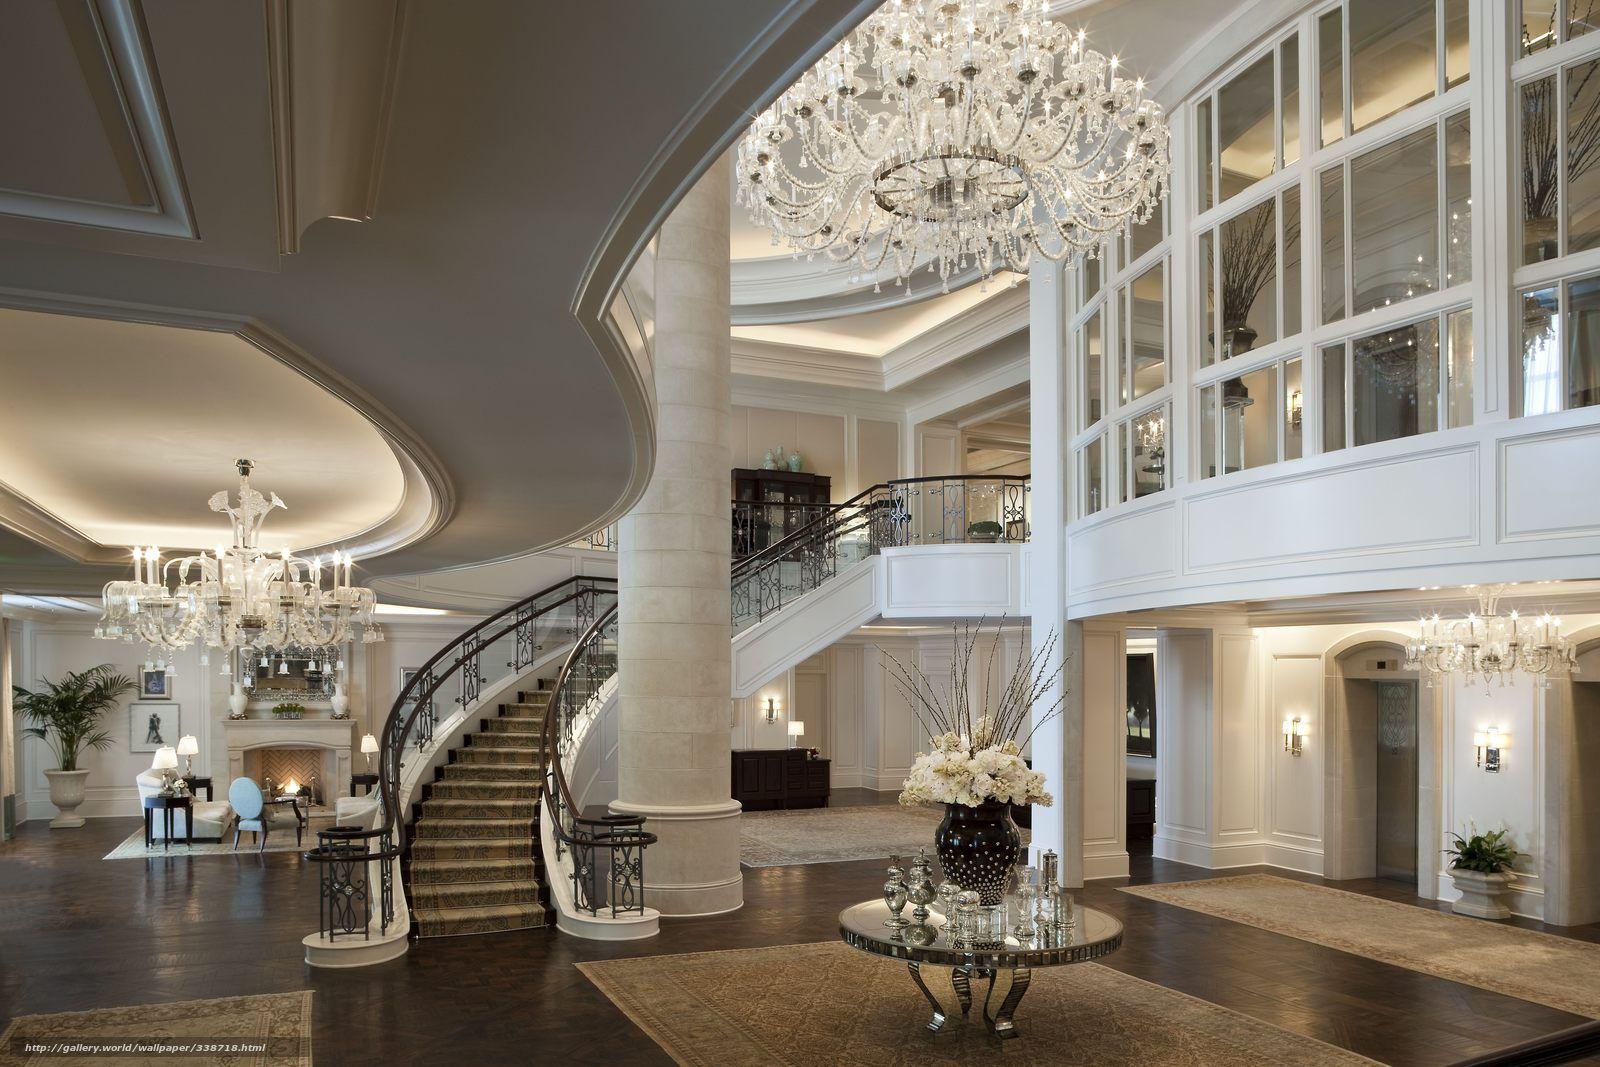 Villa De Reve 42 Photos Fonds D Ecran Villa De Reve Maison Design Hotels De Luxe